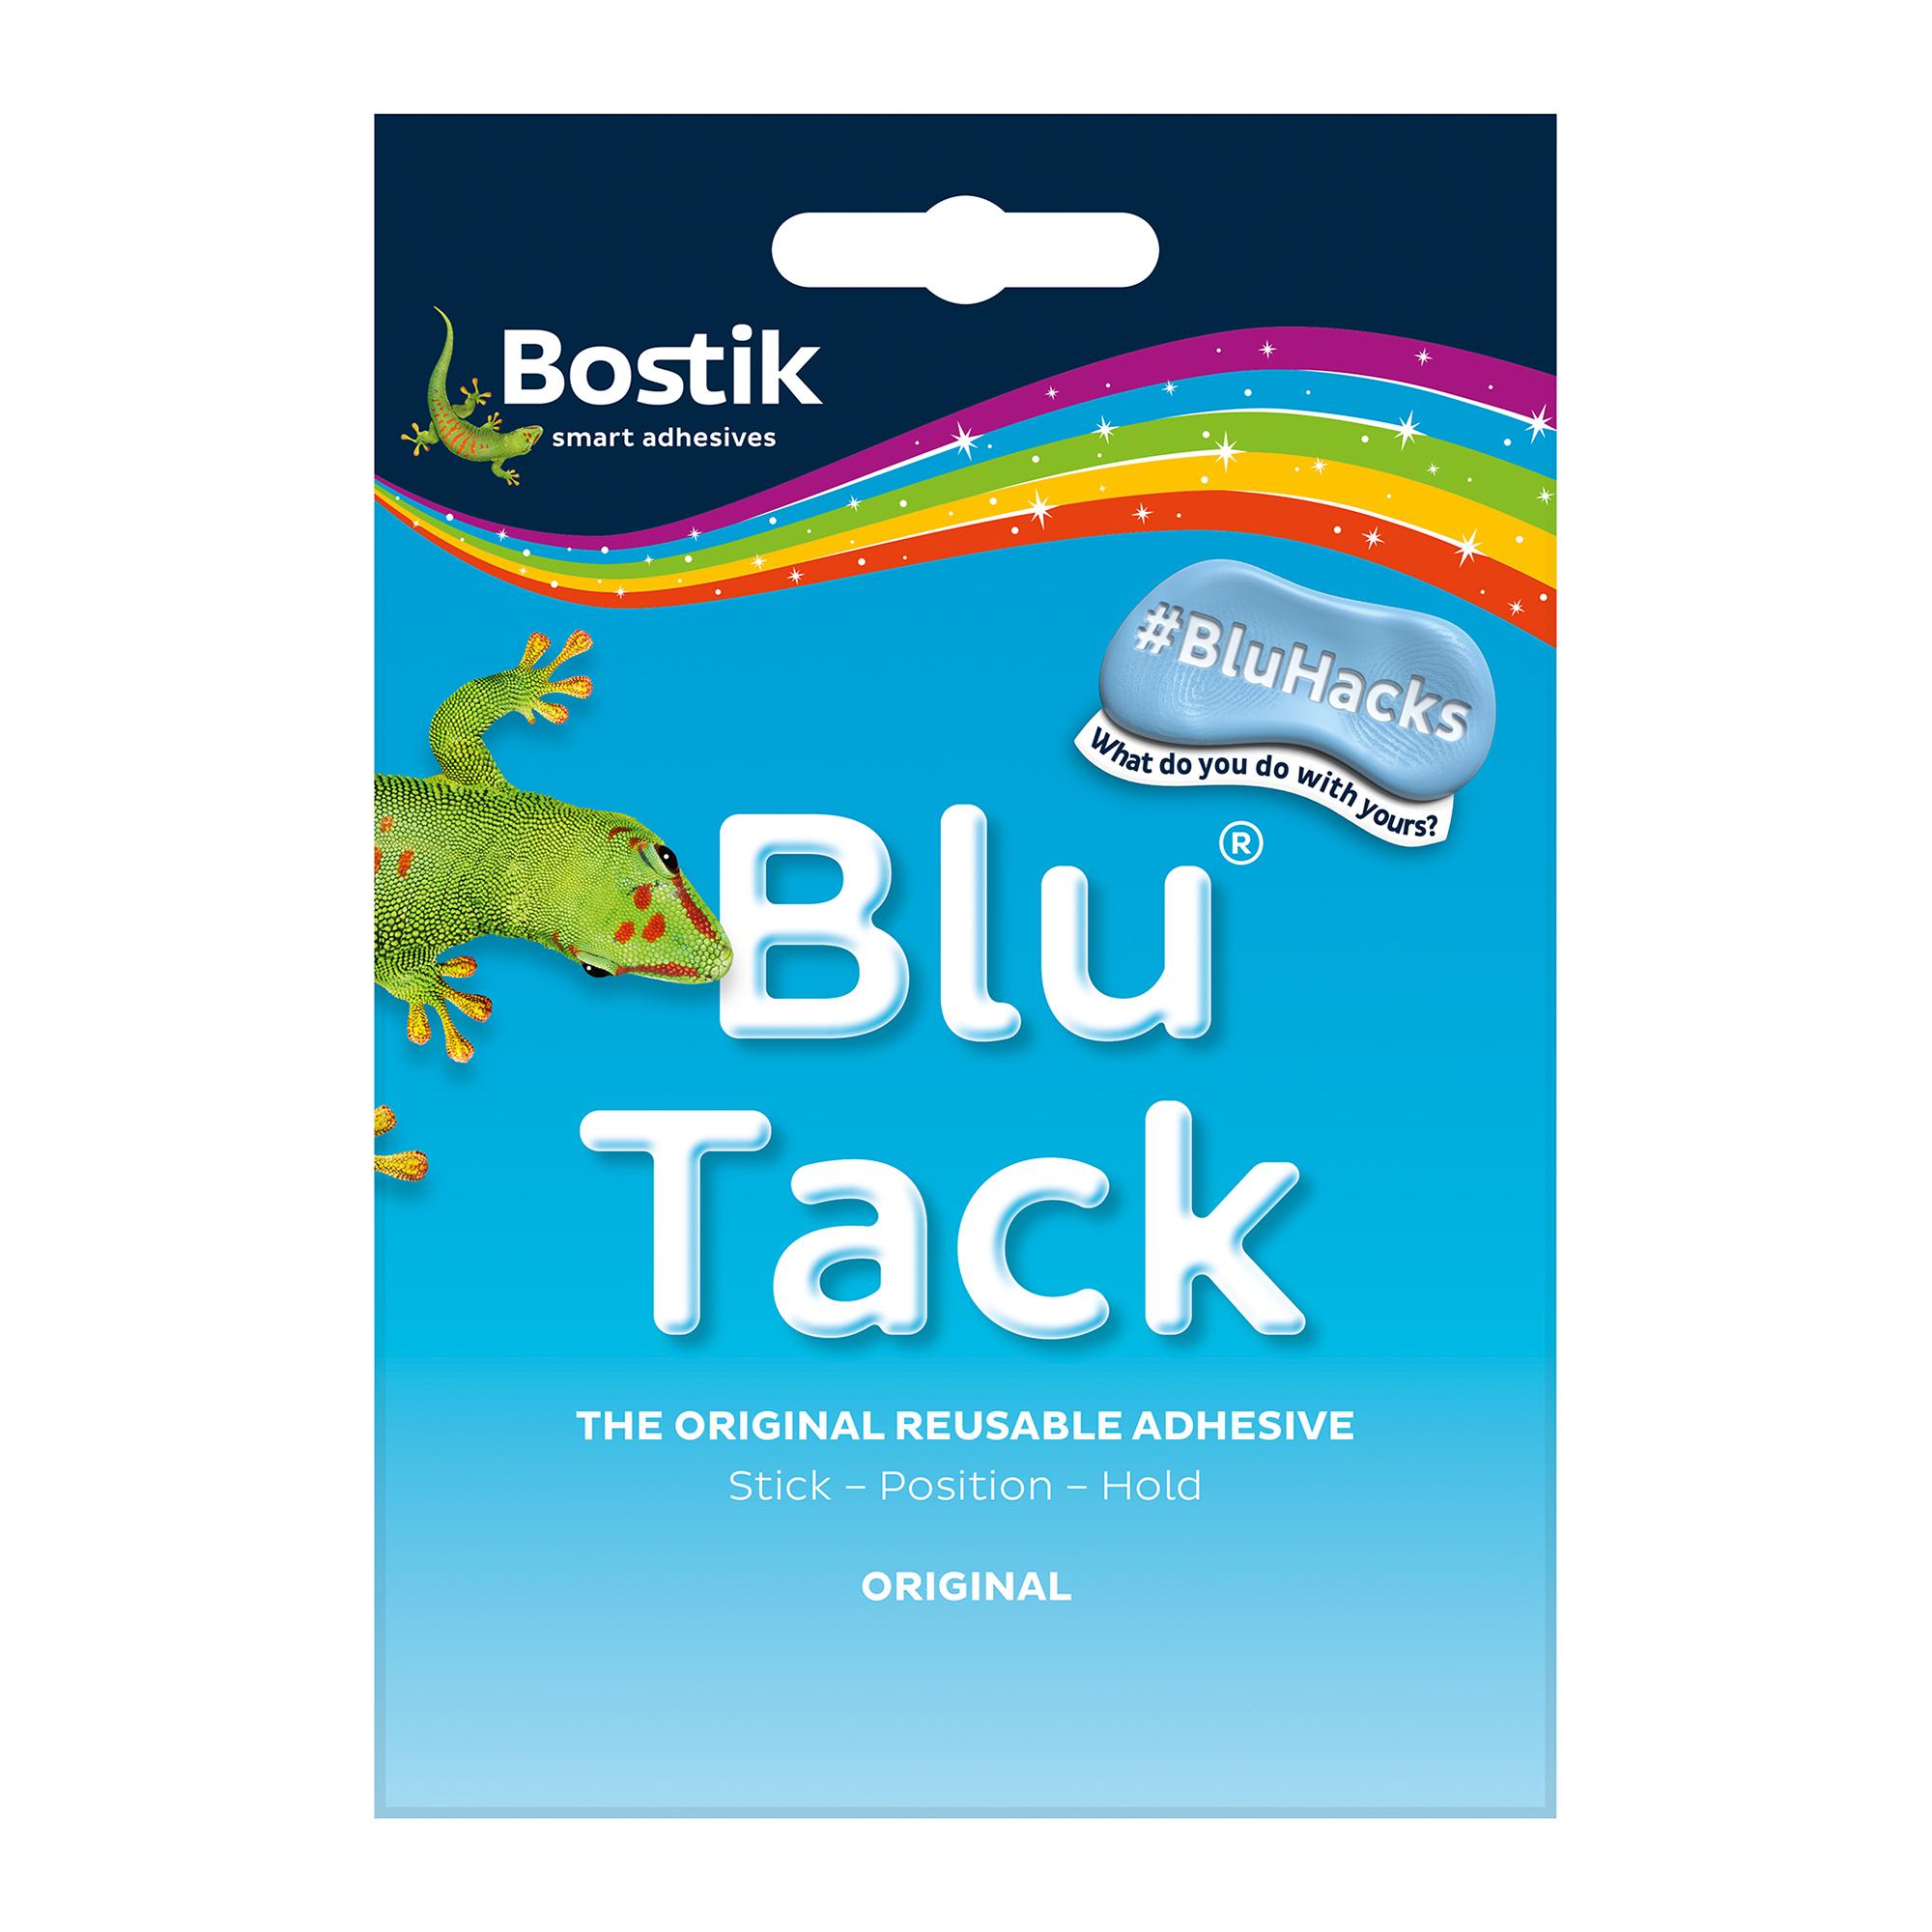 Tack Bostik Blu Tack Original Mastic Adhesive Non-toxic Handy Pack 60g Ref 801103 Pack 12